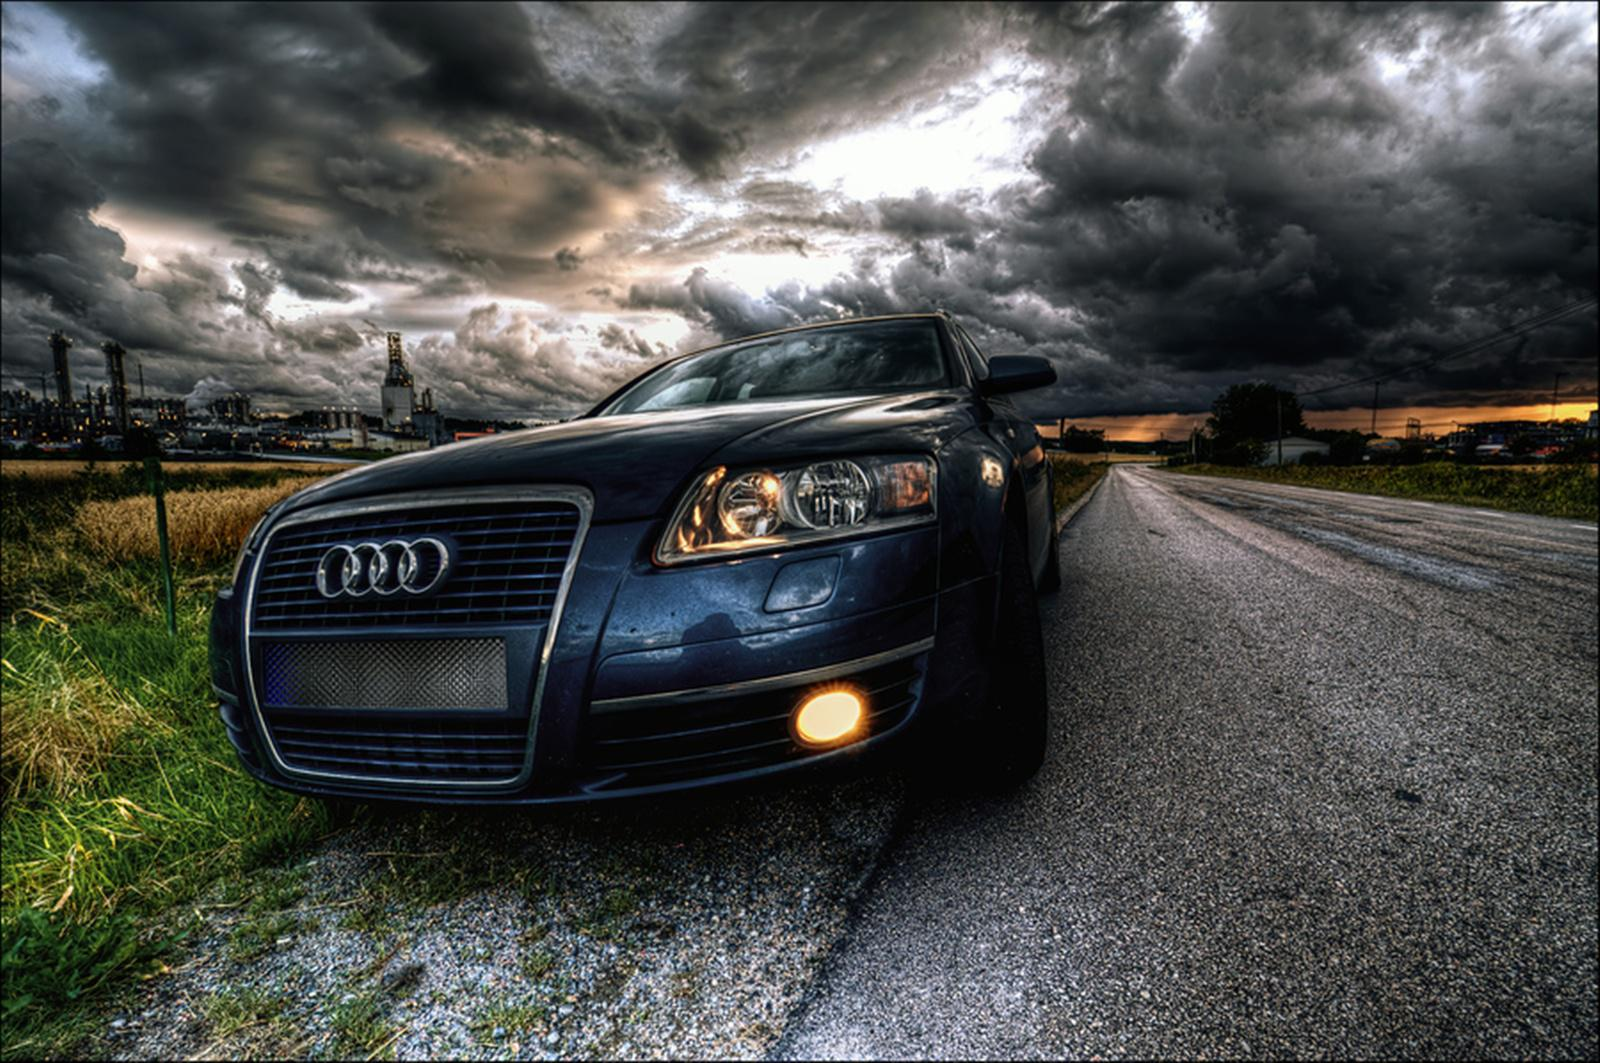 Audi A6 Wallpaper WallpaperSafari